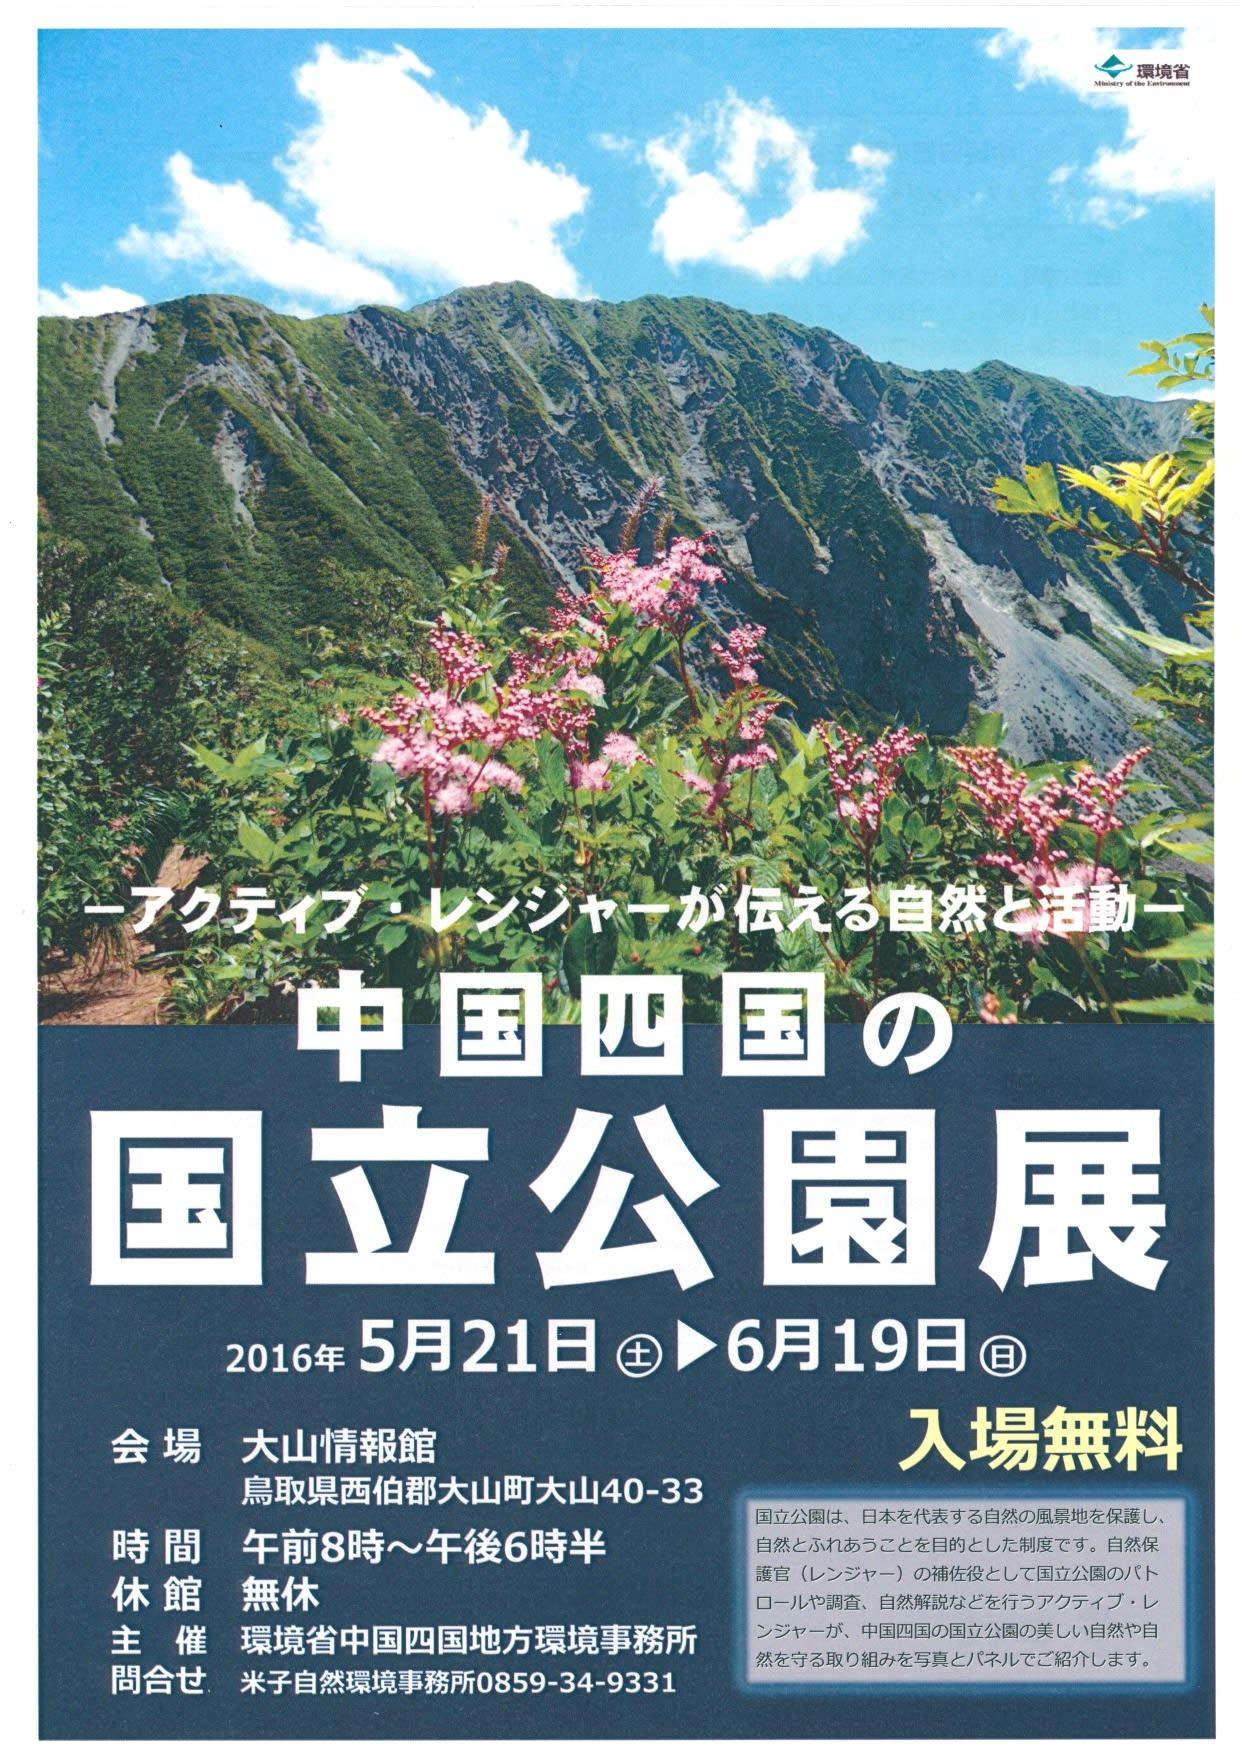 2016年5月のブログ記事一覧-BES大山(鳥取)